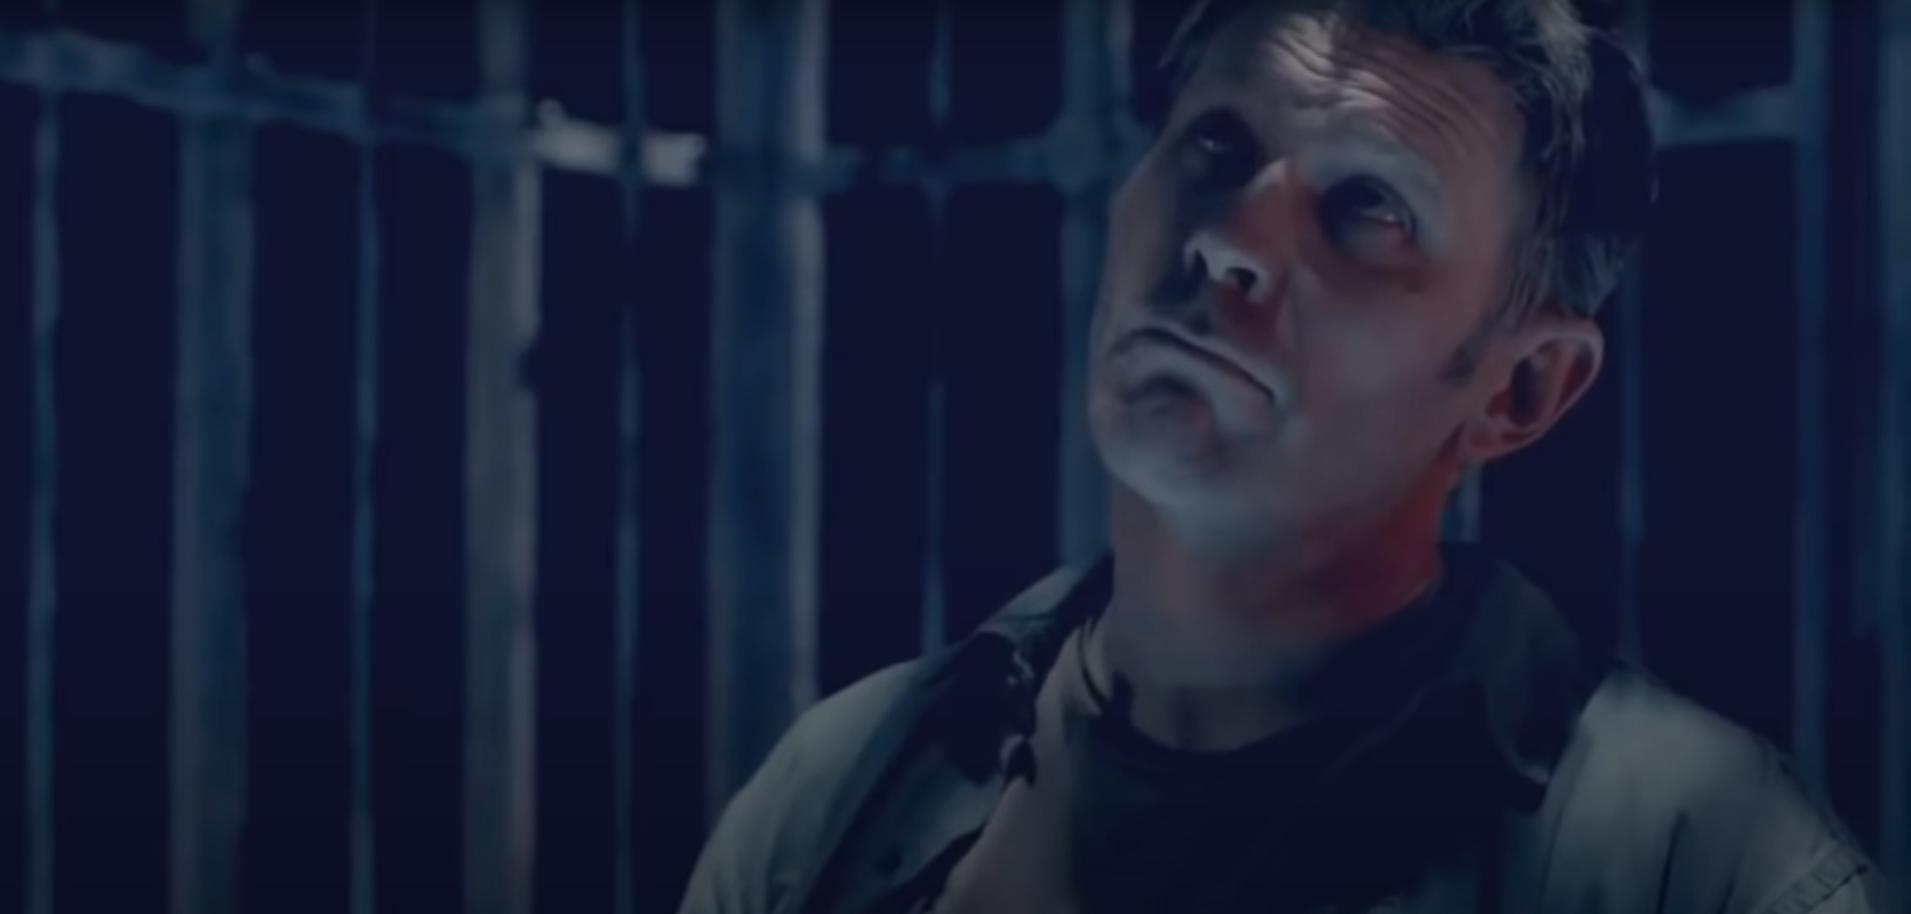 кадр из сериала Сверхъестественное Люцифер